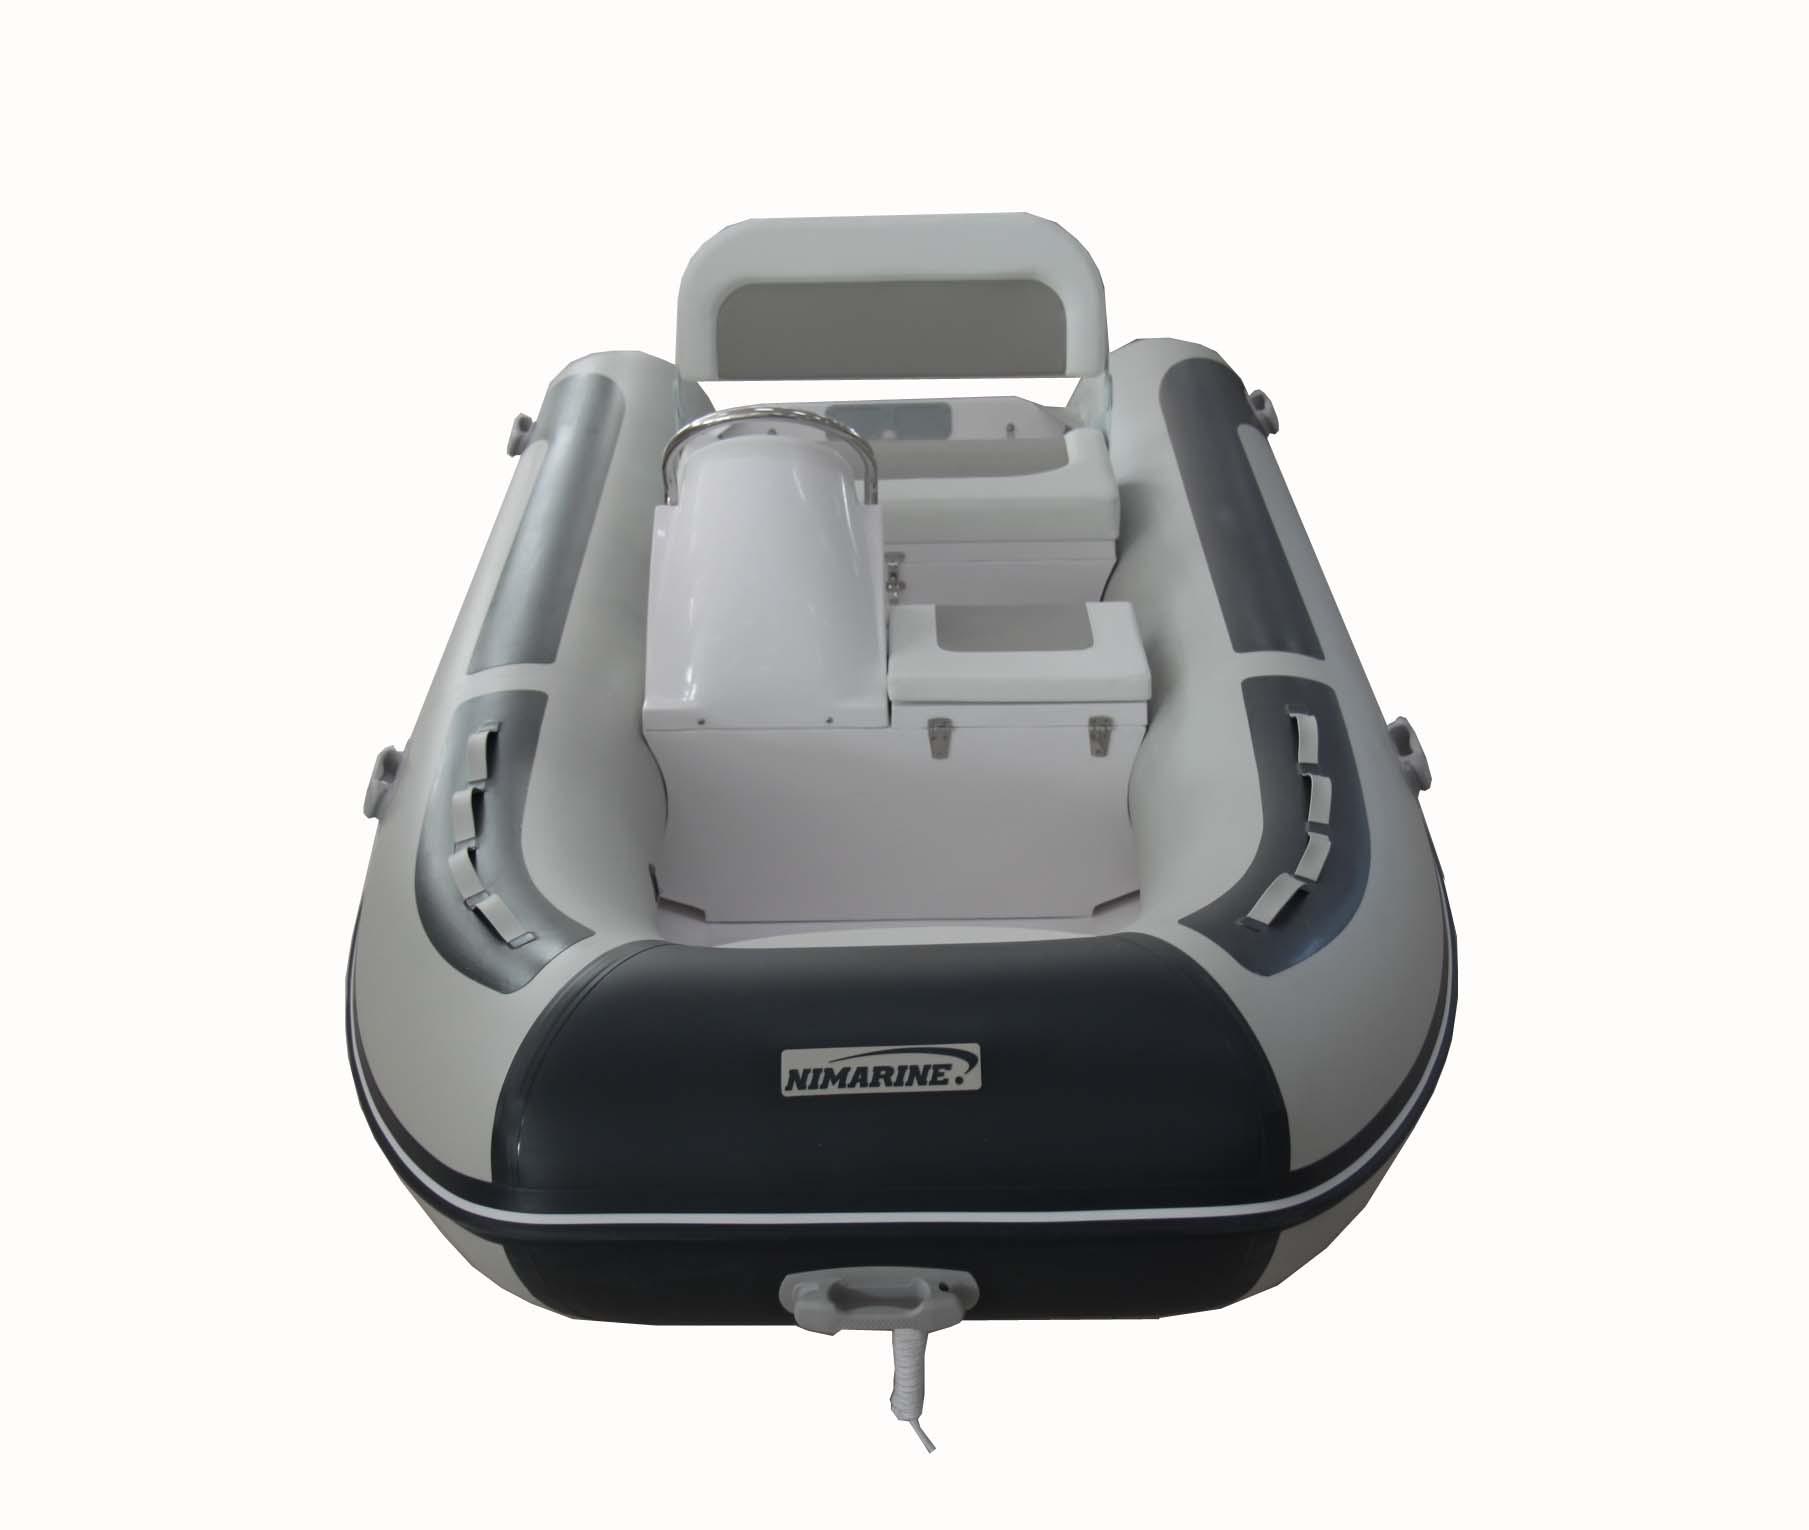 Nimarine MX 360 RIB (met console)-76572